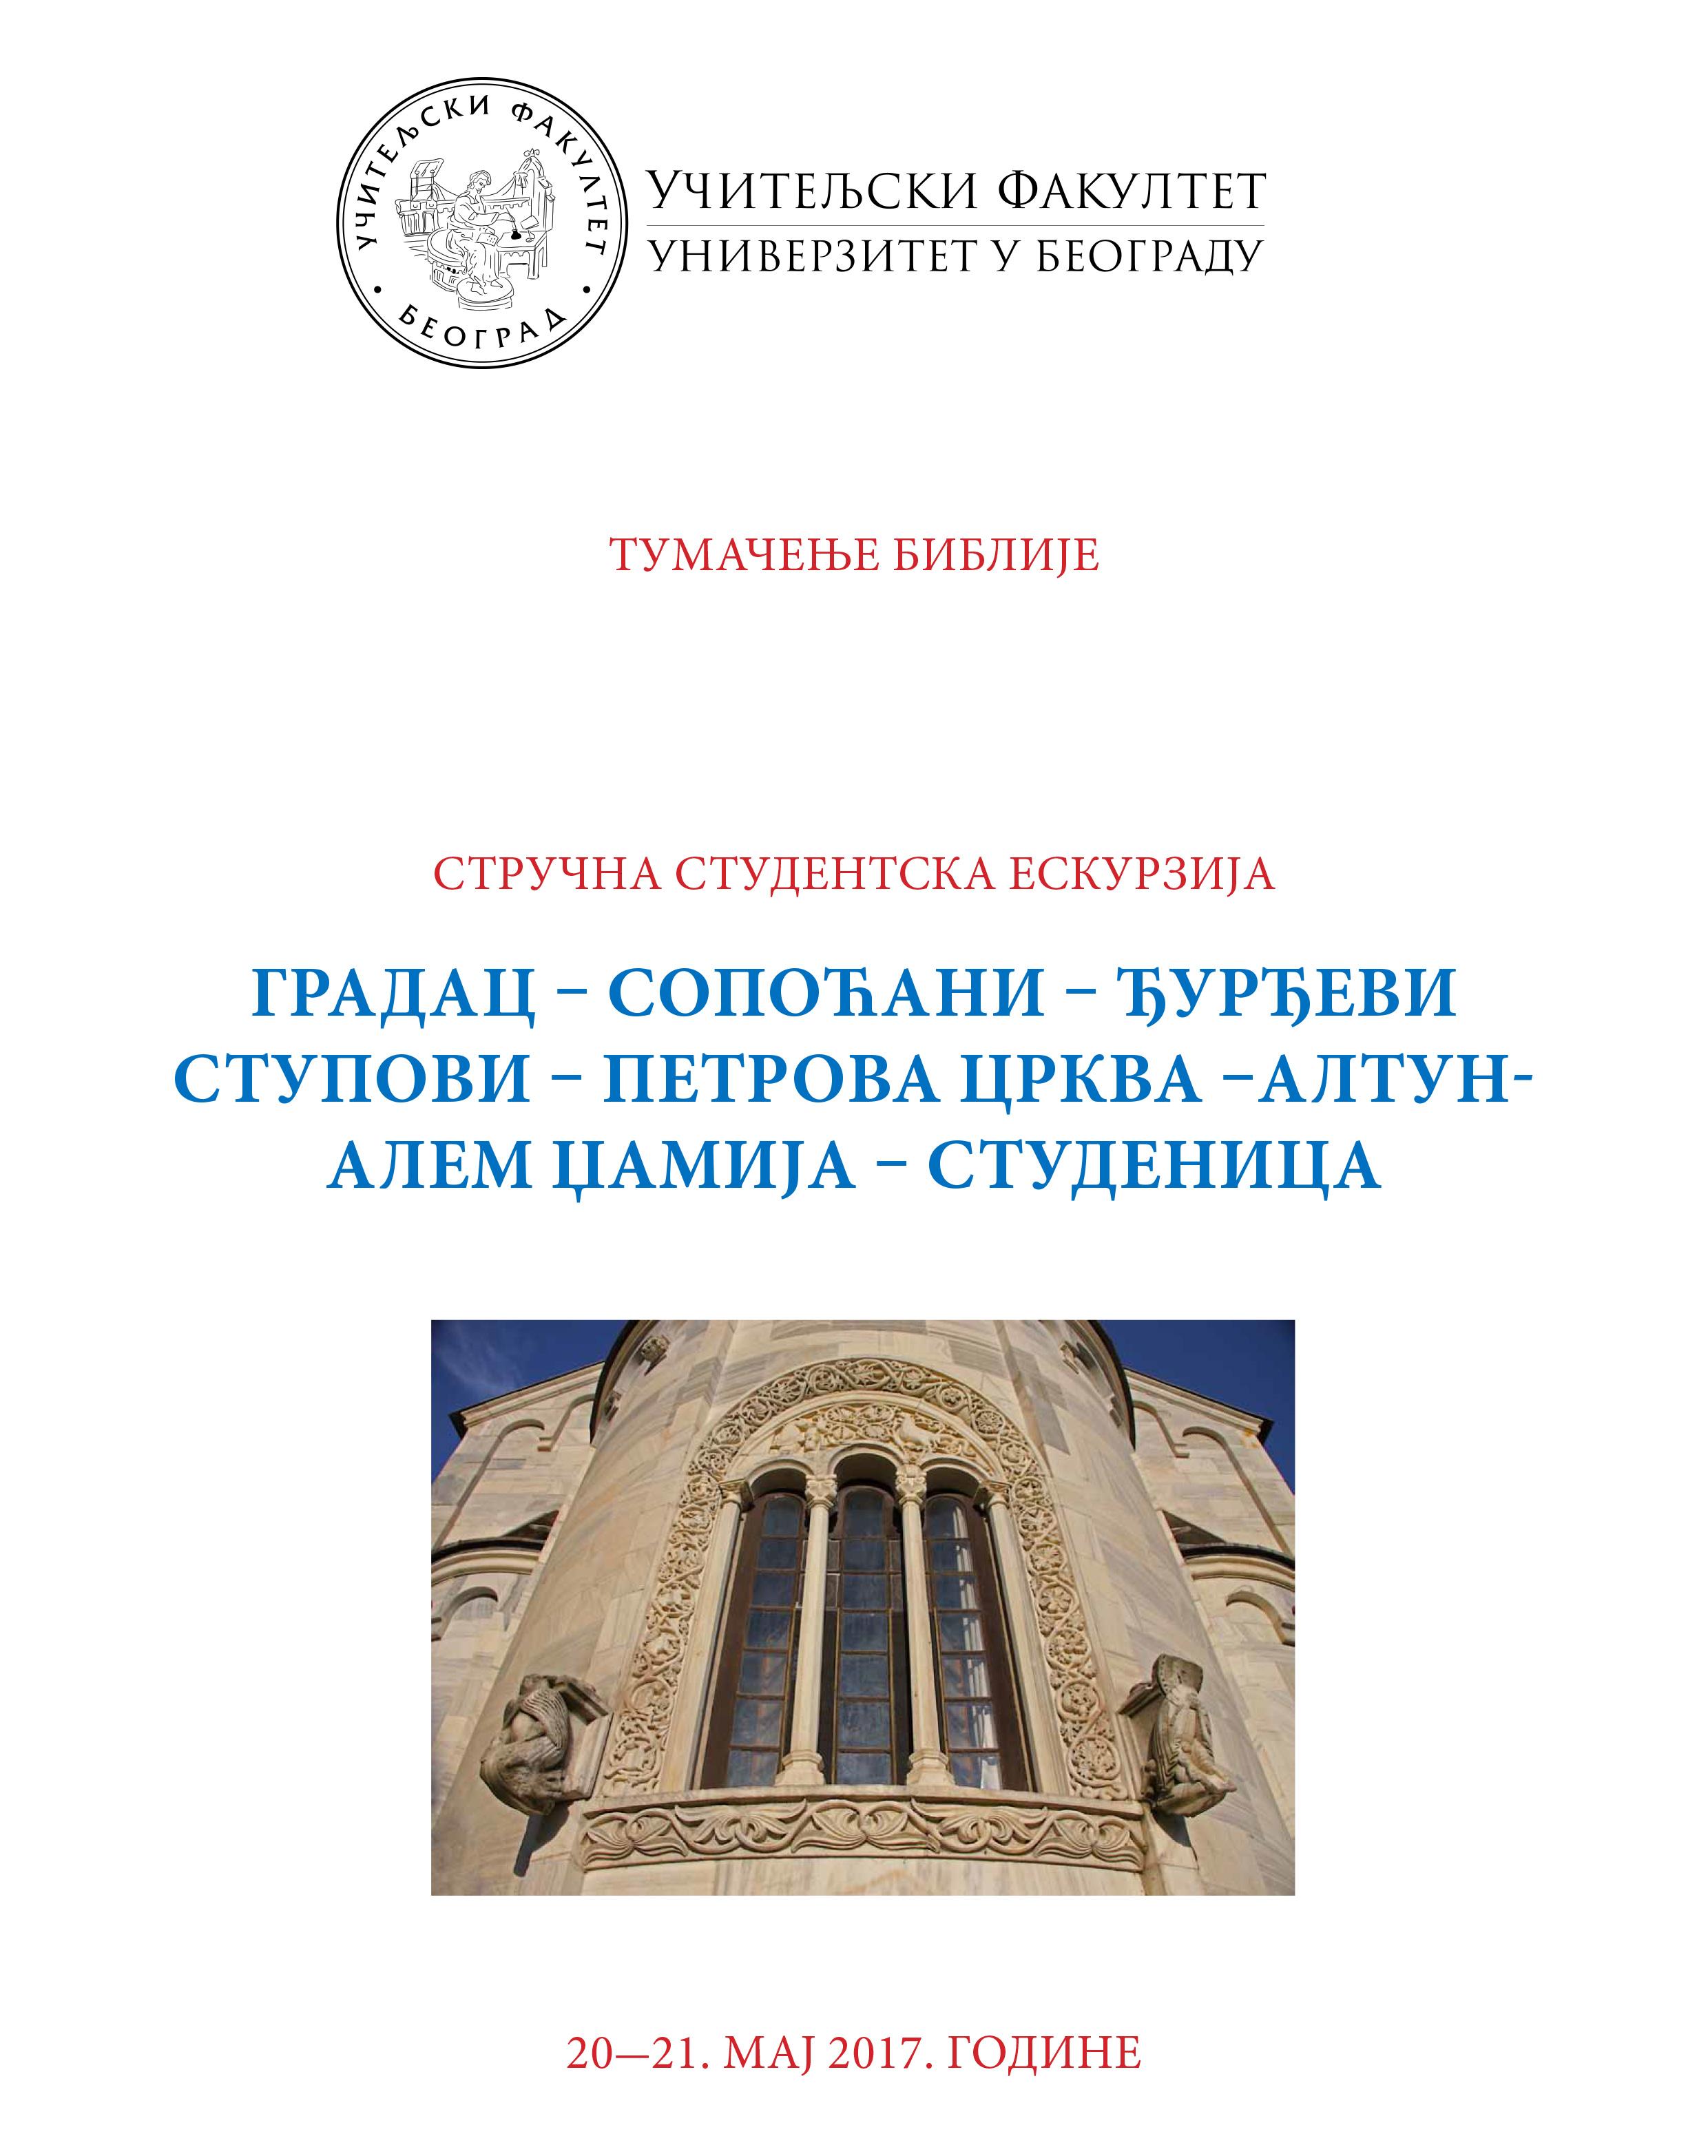 studenica-2017-2-1